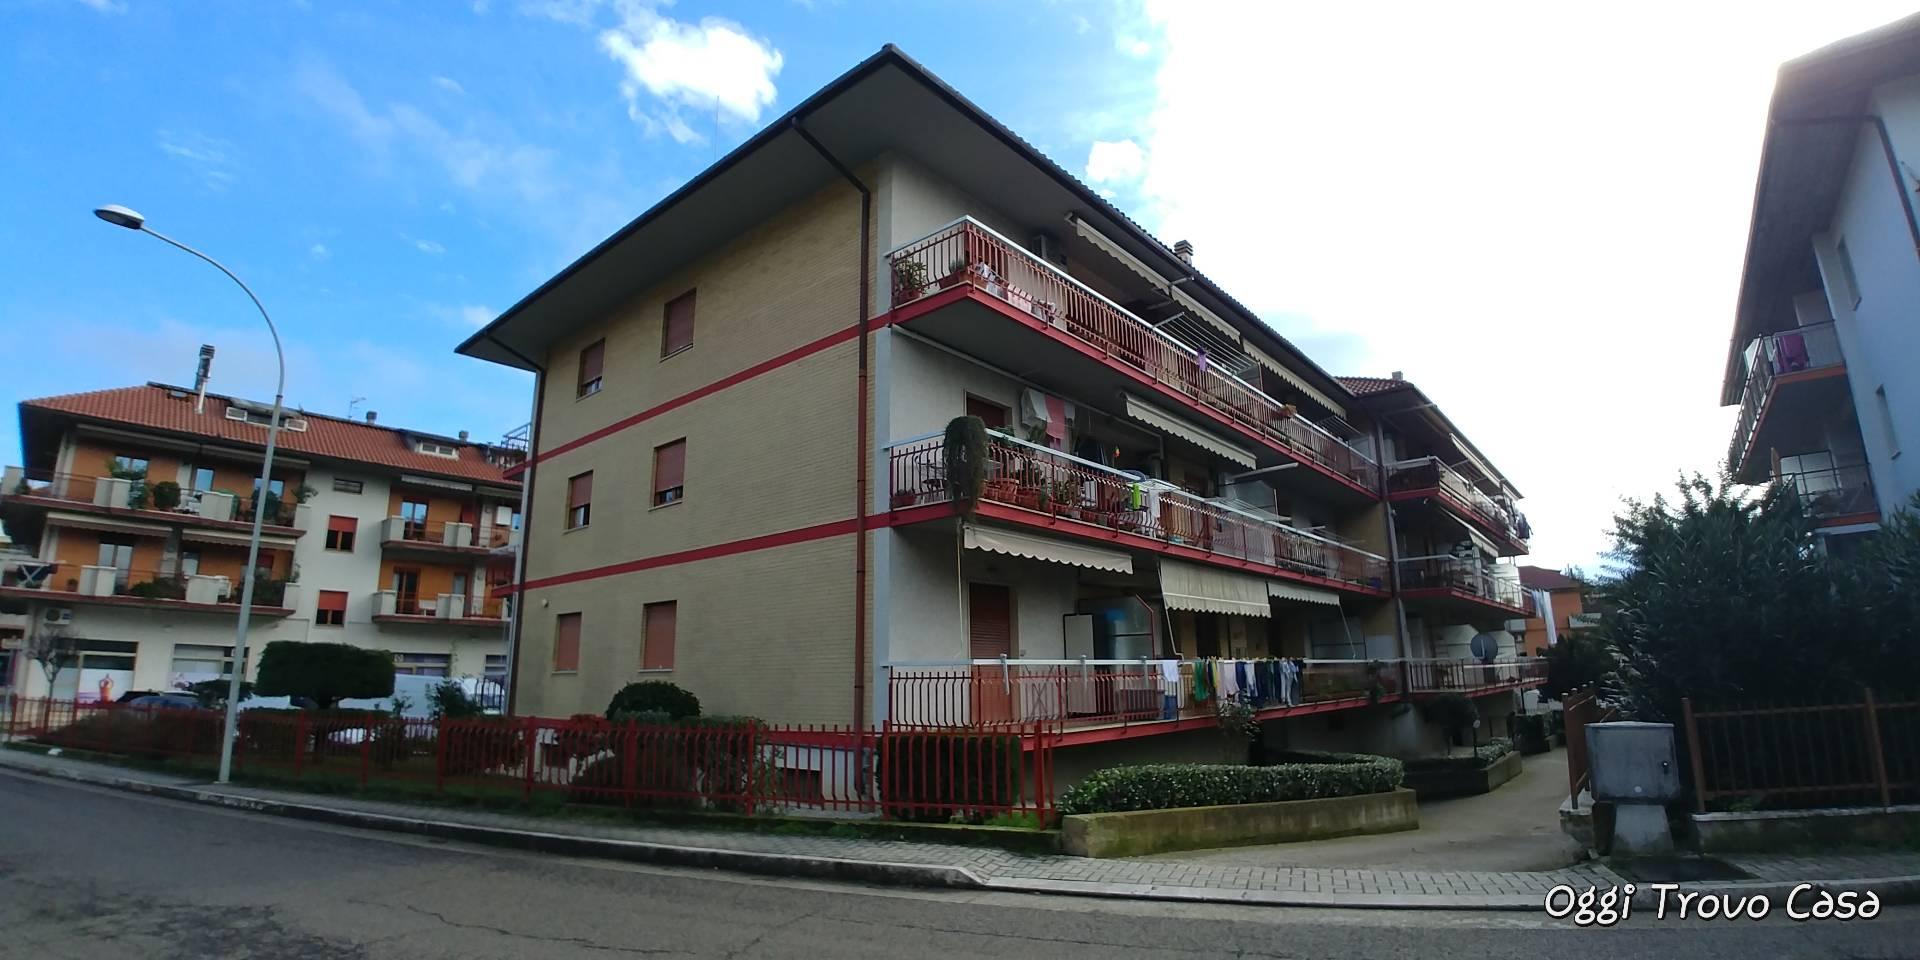 Appartamento in vendita a Castel di Lama, 2 locali, zona Località: CasteldiLamaBasso, prezzo € 55.000 | CambioCasa.it